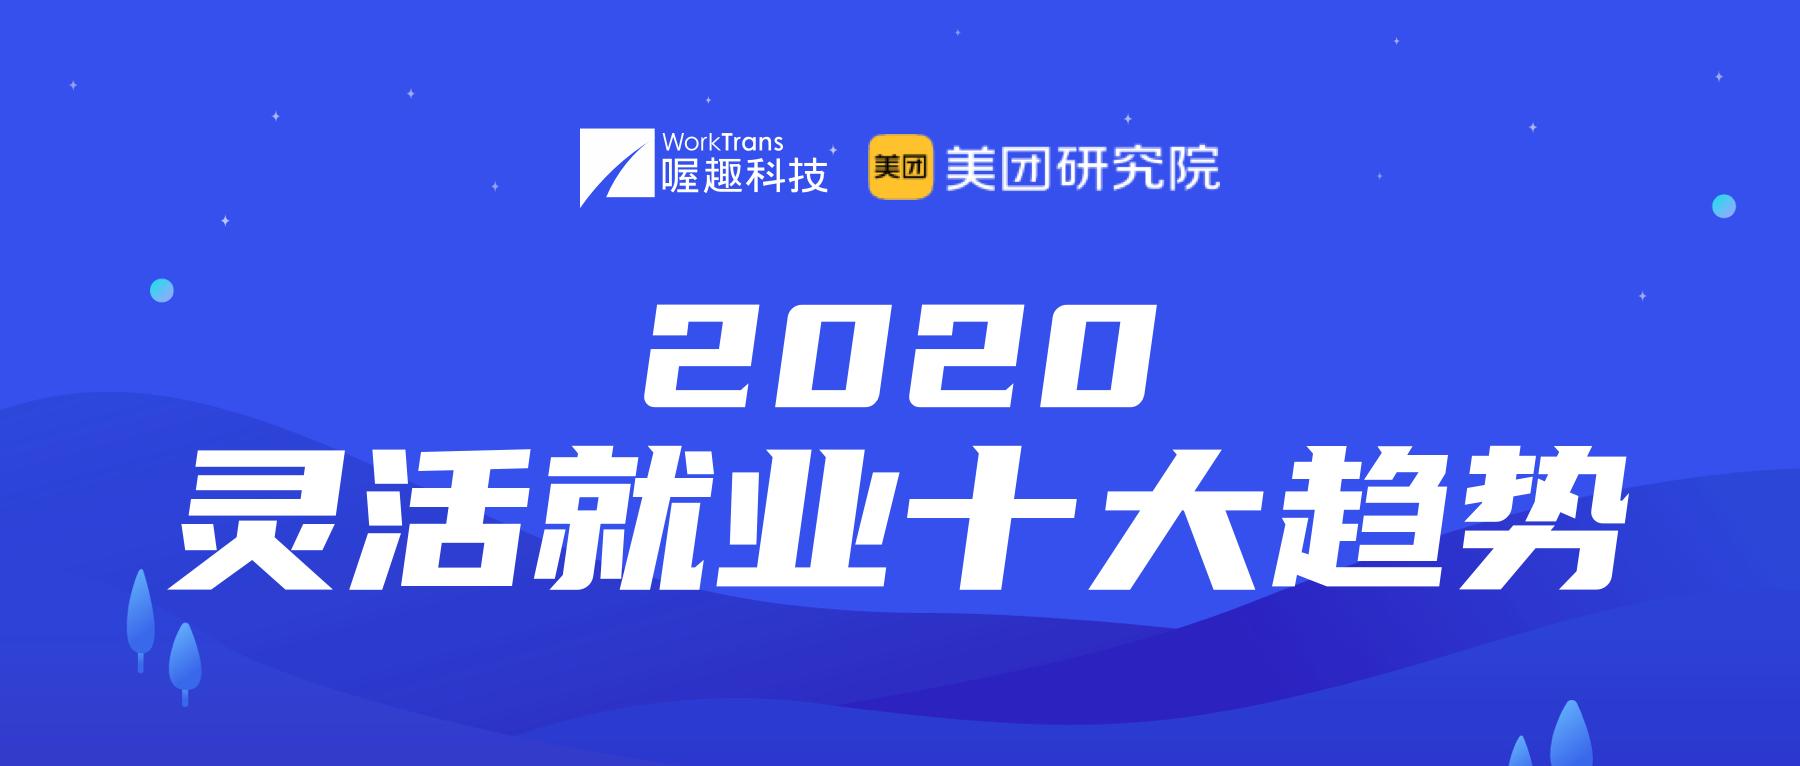 美团研究院联合喔趣科技发布《2020灵活就业十大趋势》报告